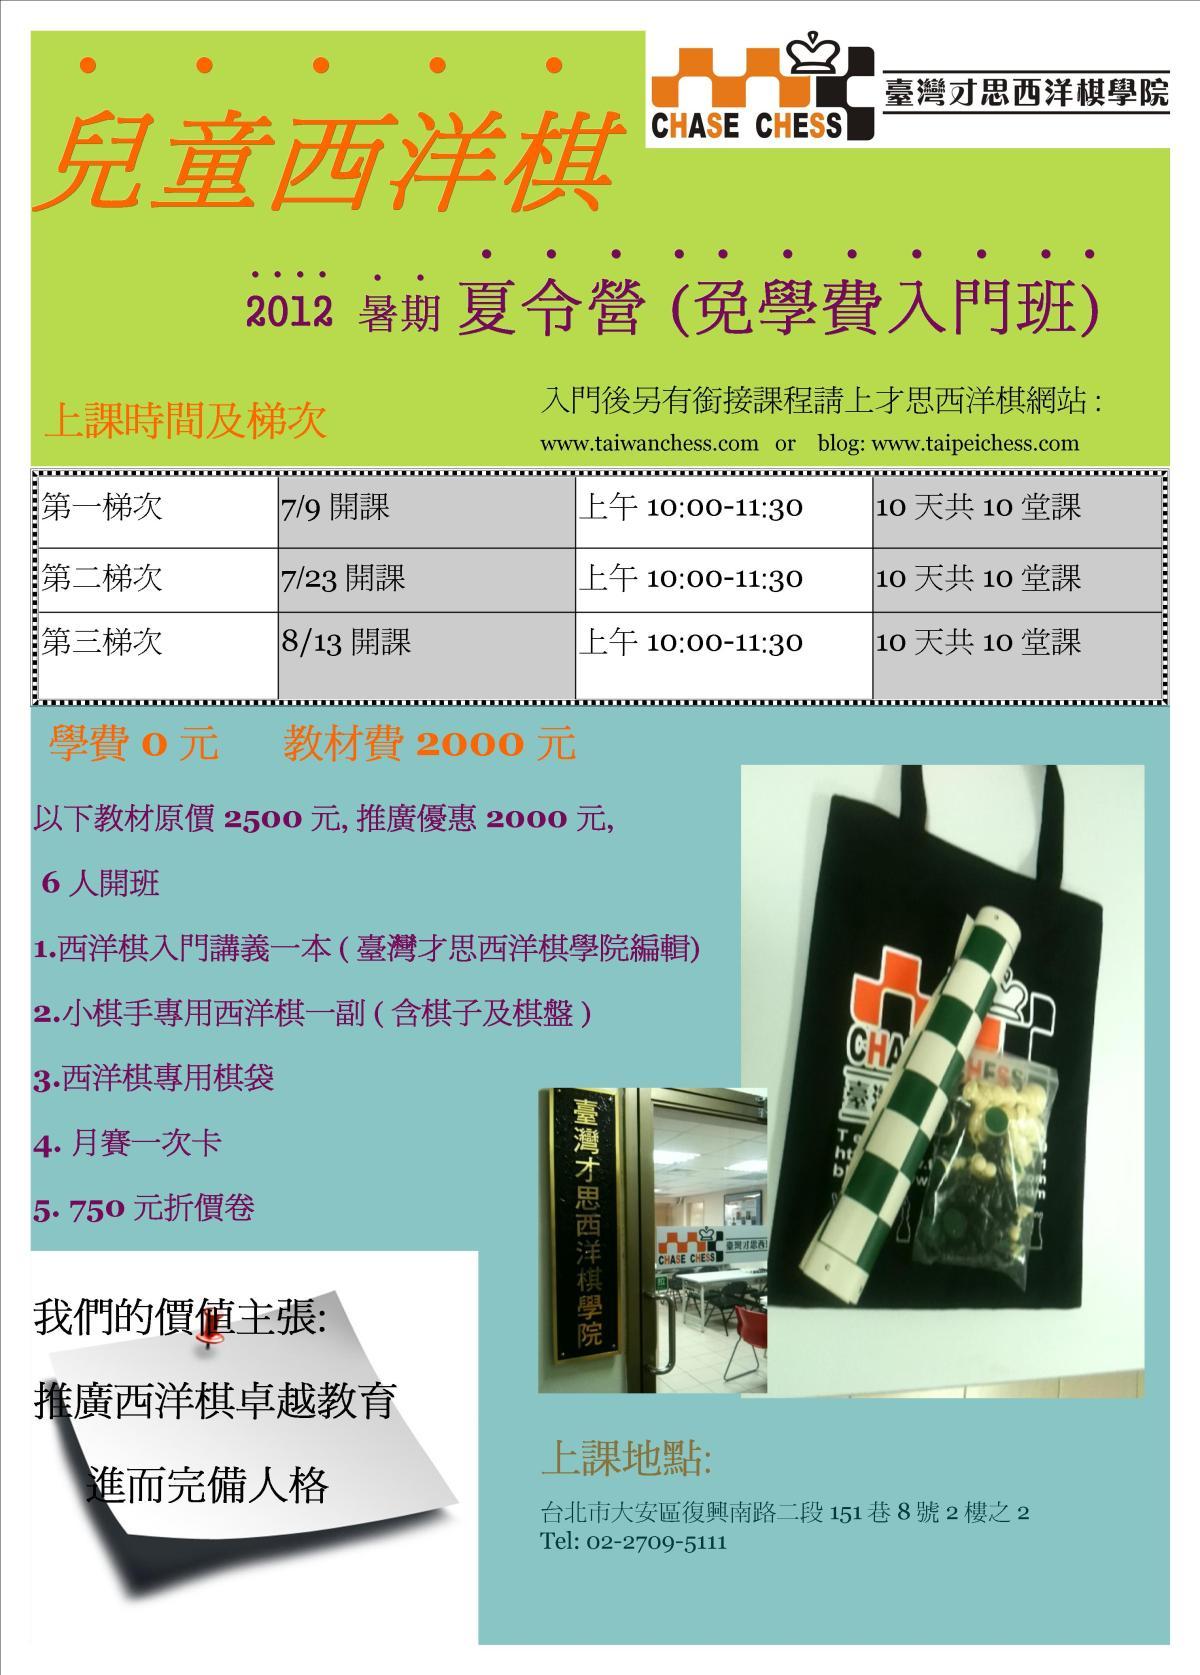 2012暑期入門班 , for brand new beginners only